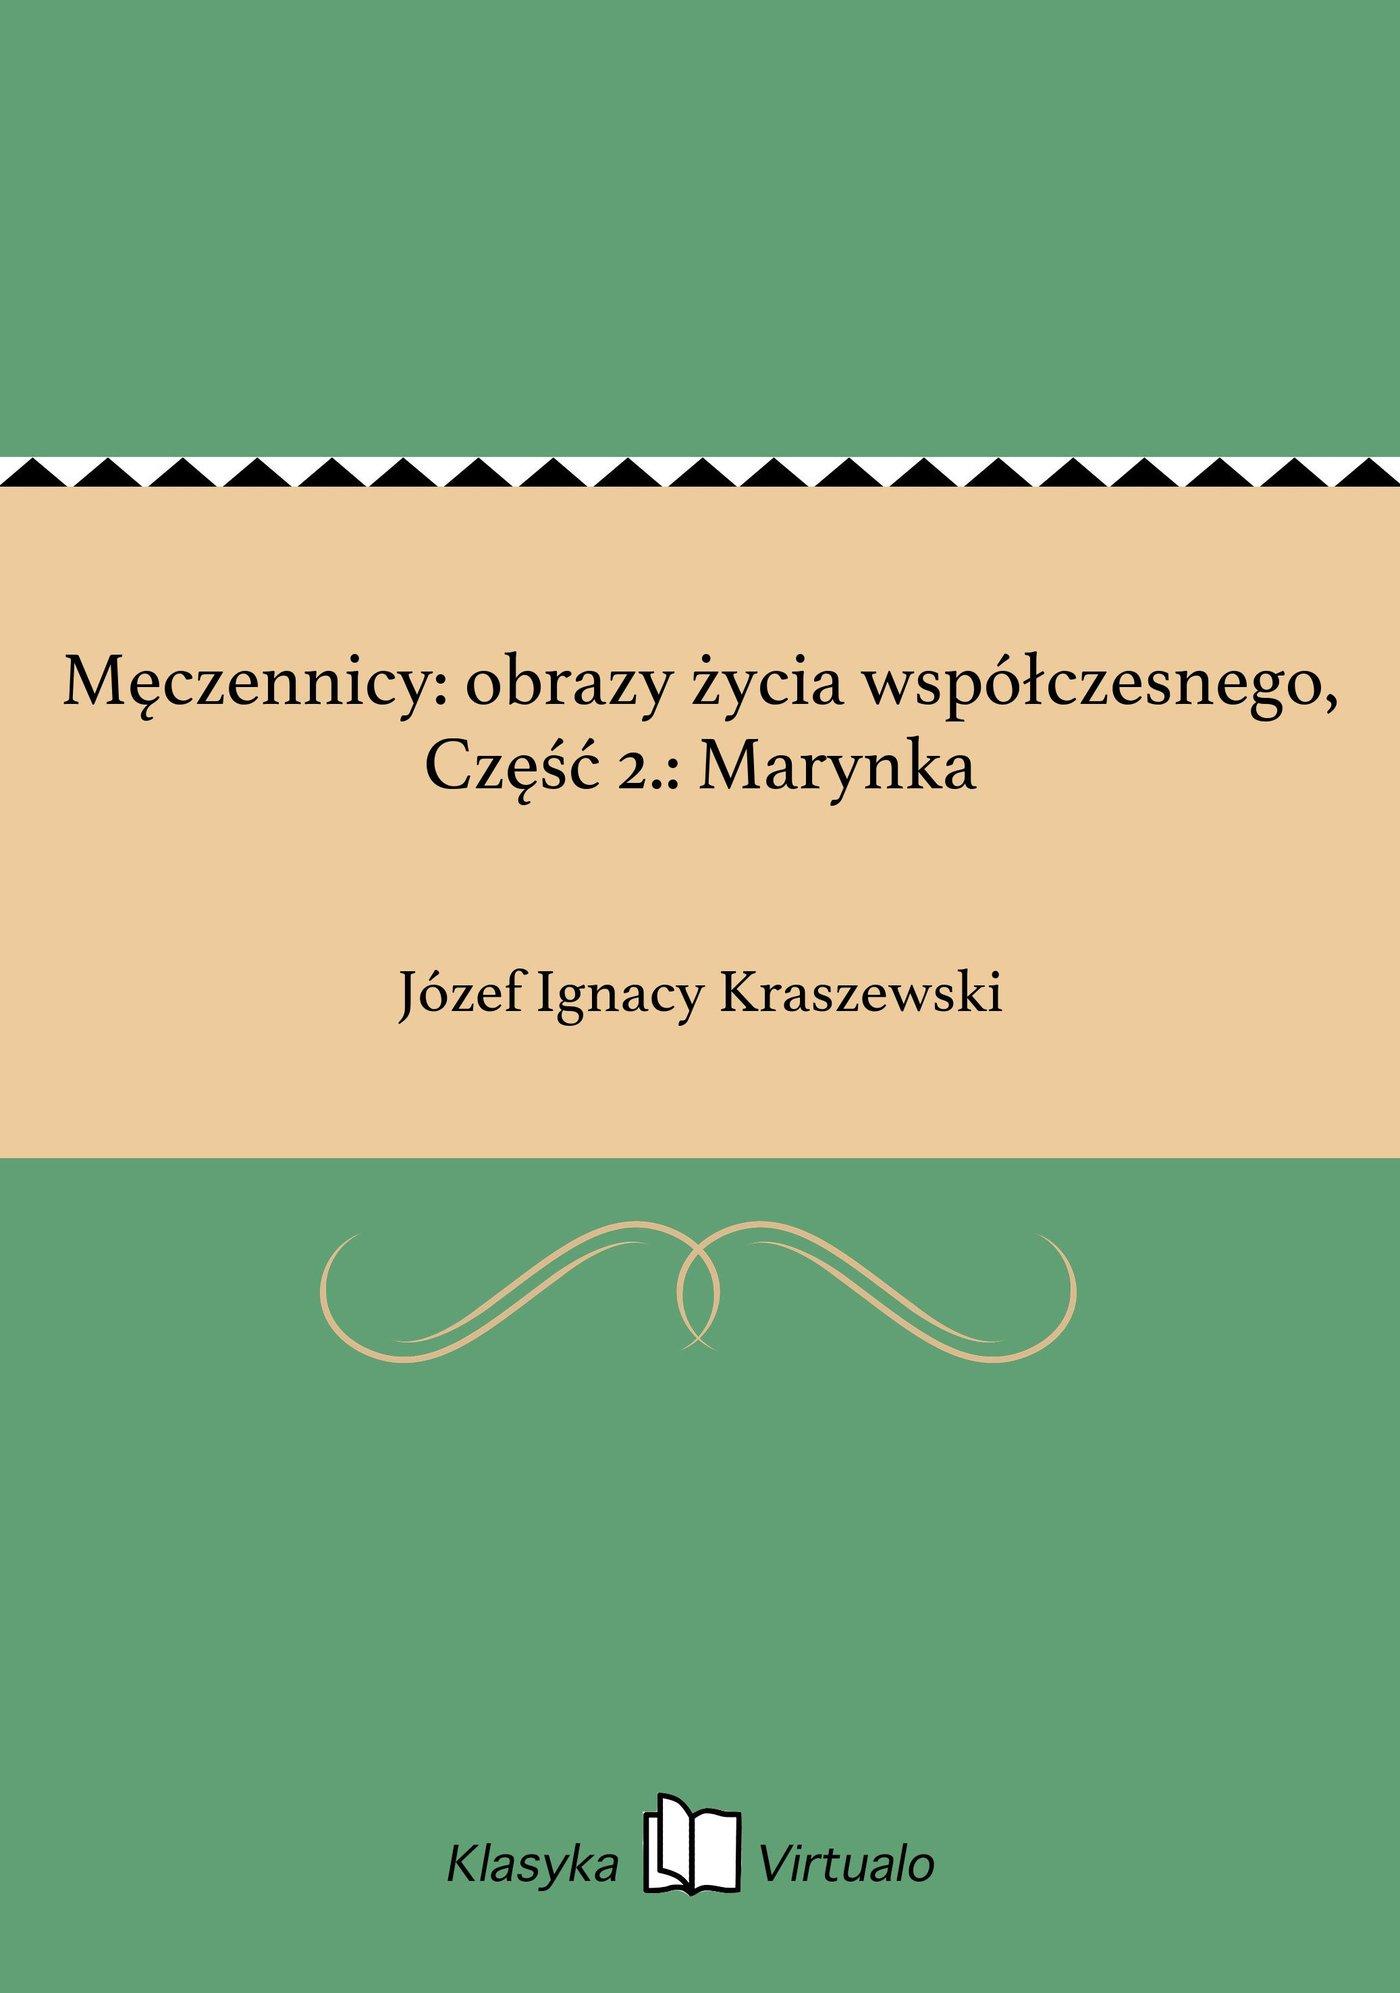 Męczennicy: obrazy życia współczesnego, Część 2.: Marynka - Ebook (Książka EPUB) do pobrania w formacie EPUB